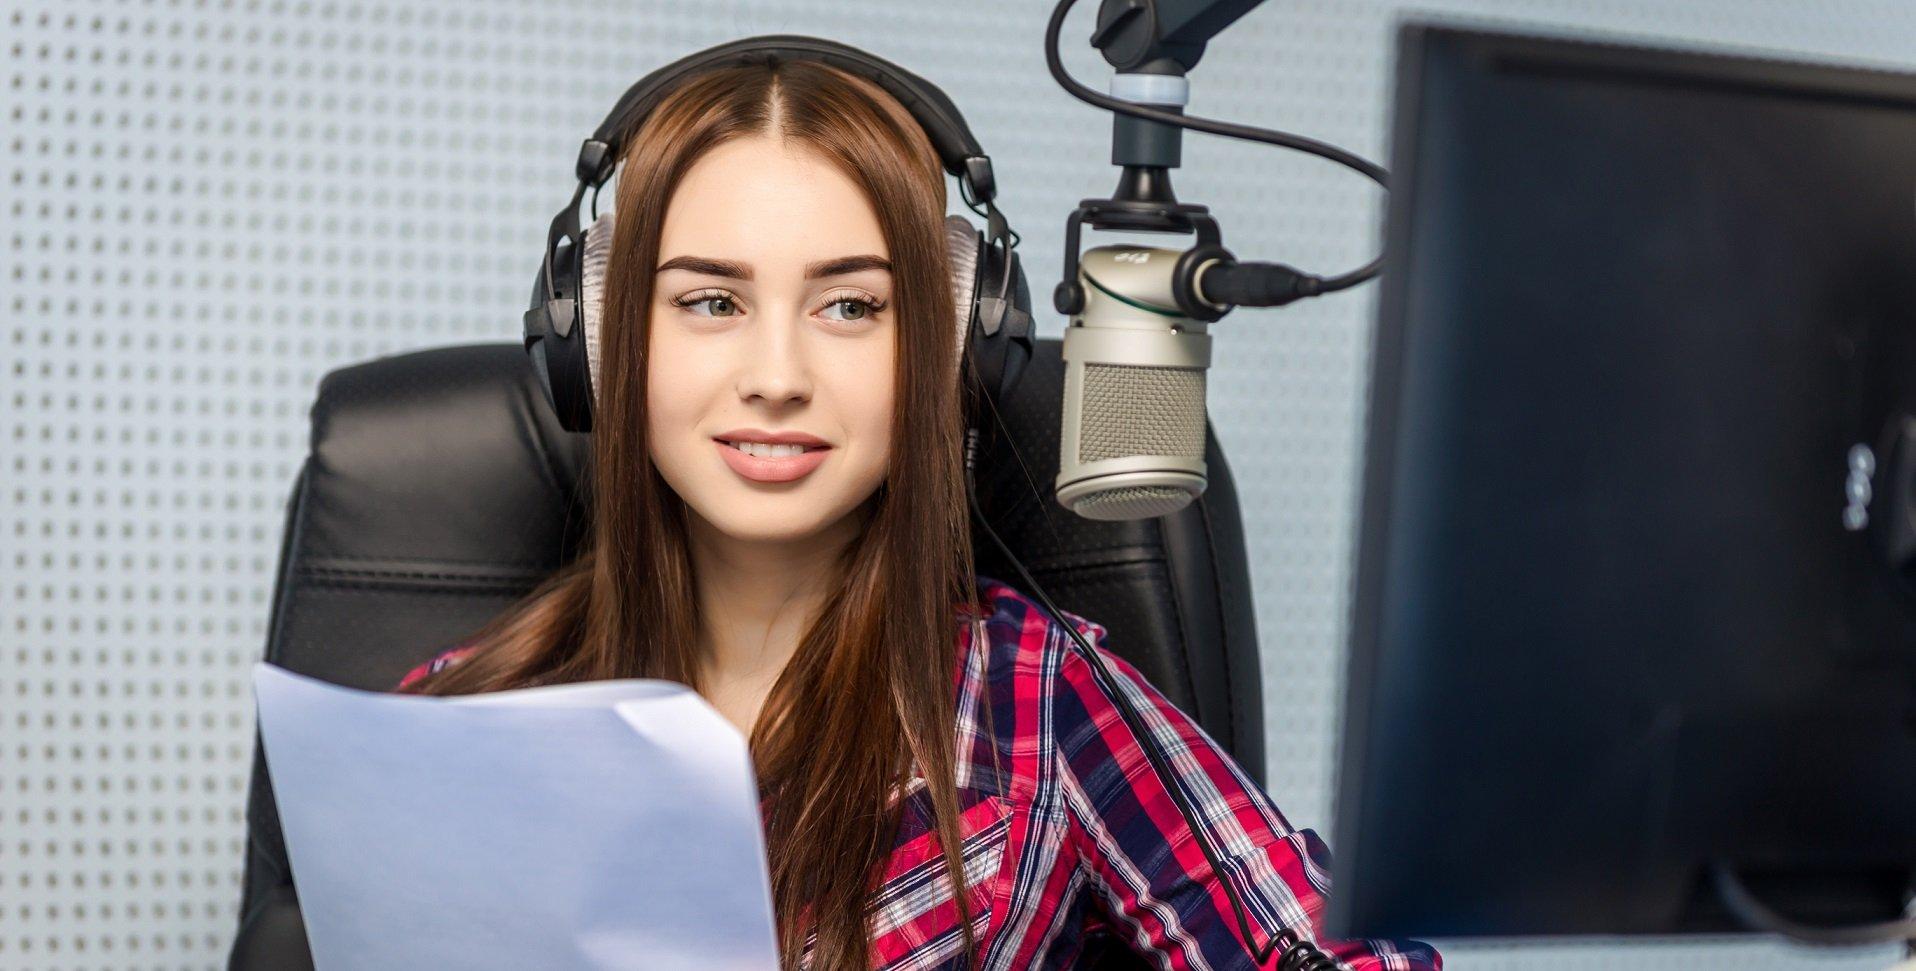 Radio Personalizada Radio In Store